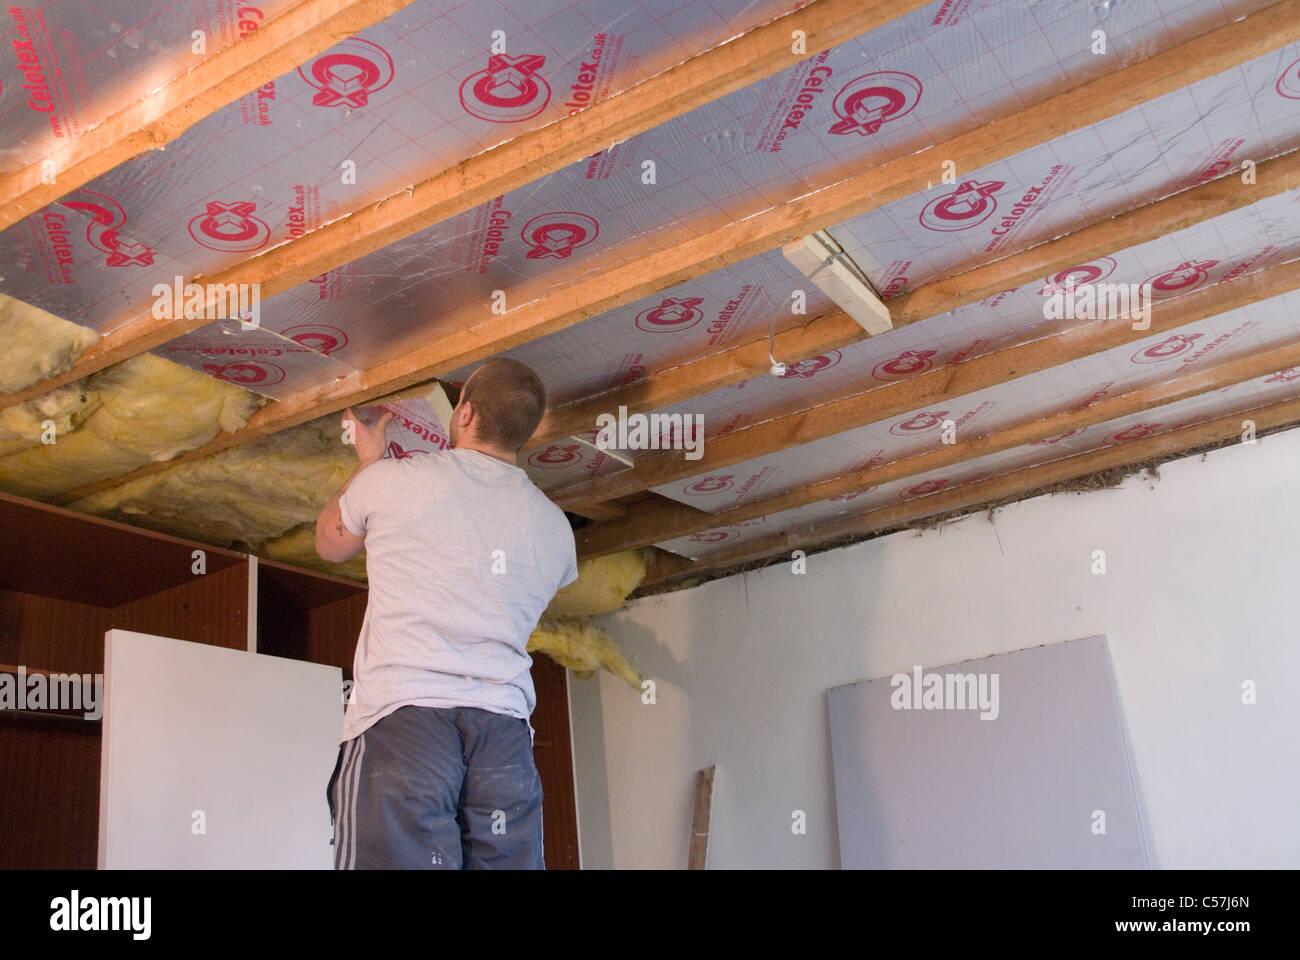 Bauherren, die hohe Leistung Kingspan Therma und Celotex--Dämmplatten an Wänden und Decke eines älteren Stockbild